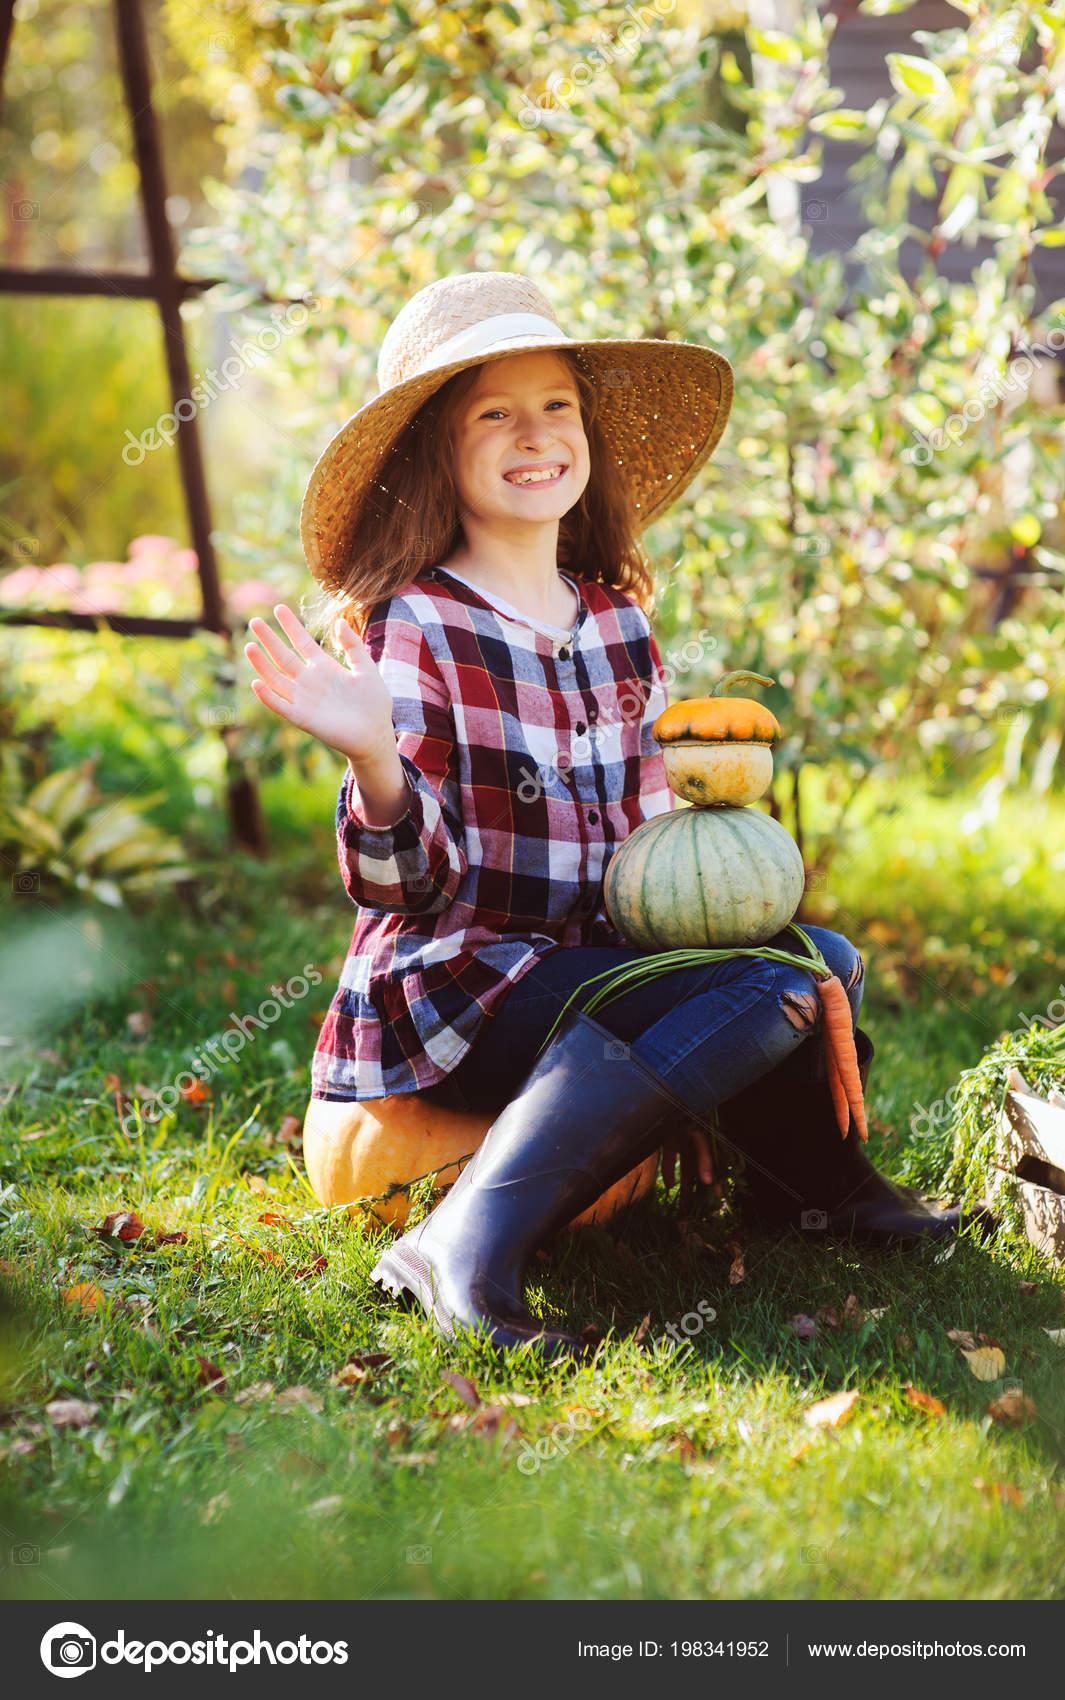 Ragazza felice del bambino divertente in cappello contadino e camicia  giocando e picking raccolto di ortaggi autunno nel giardino soleggiato. 21f3cc992875